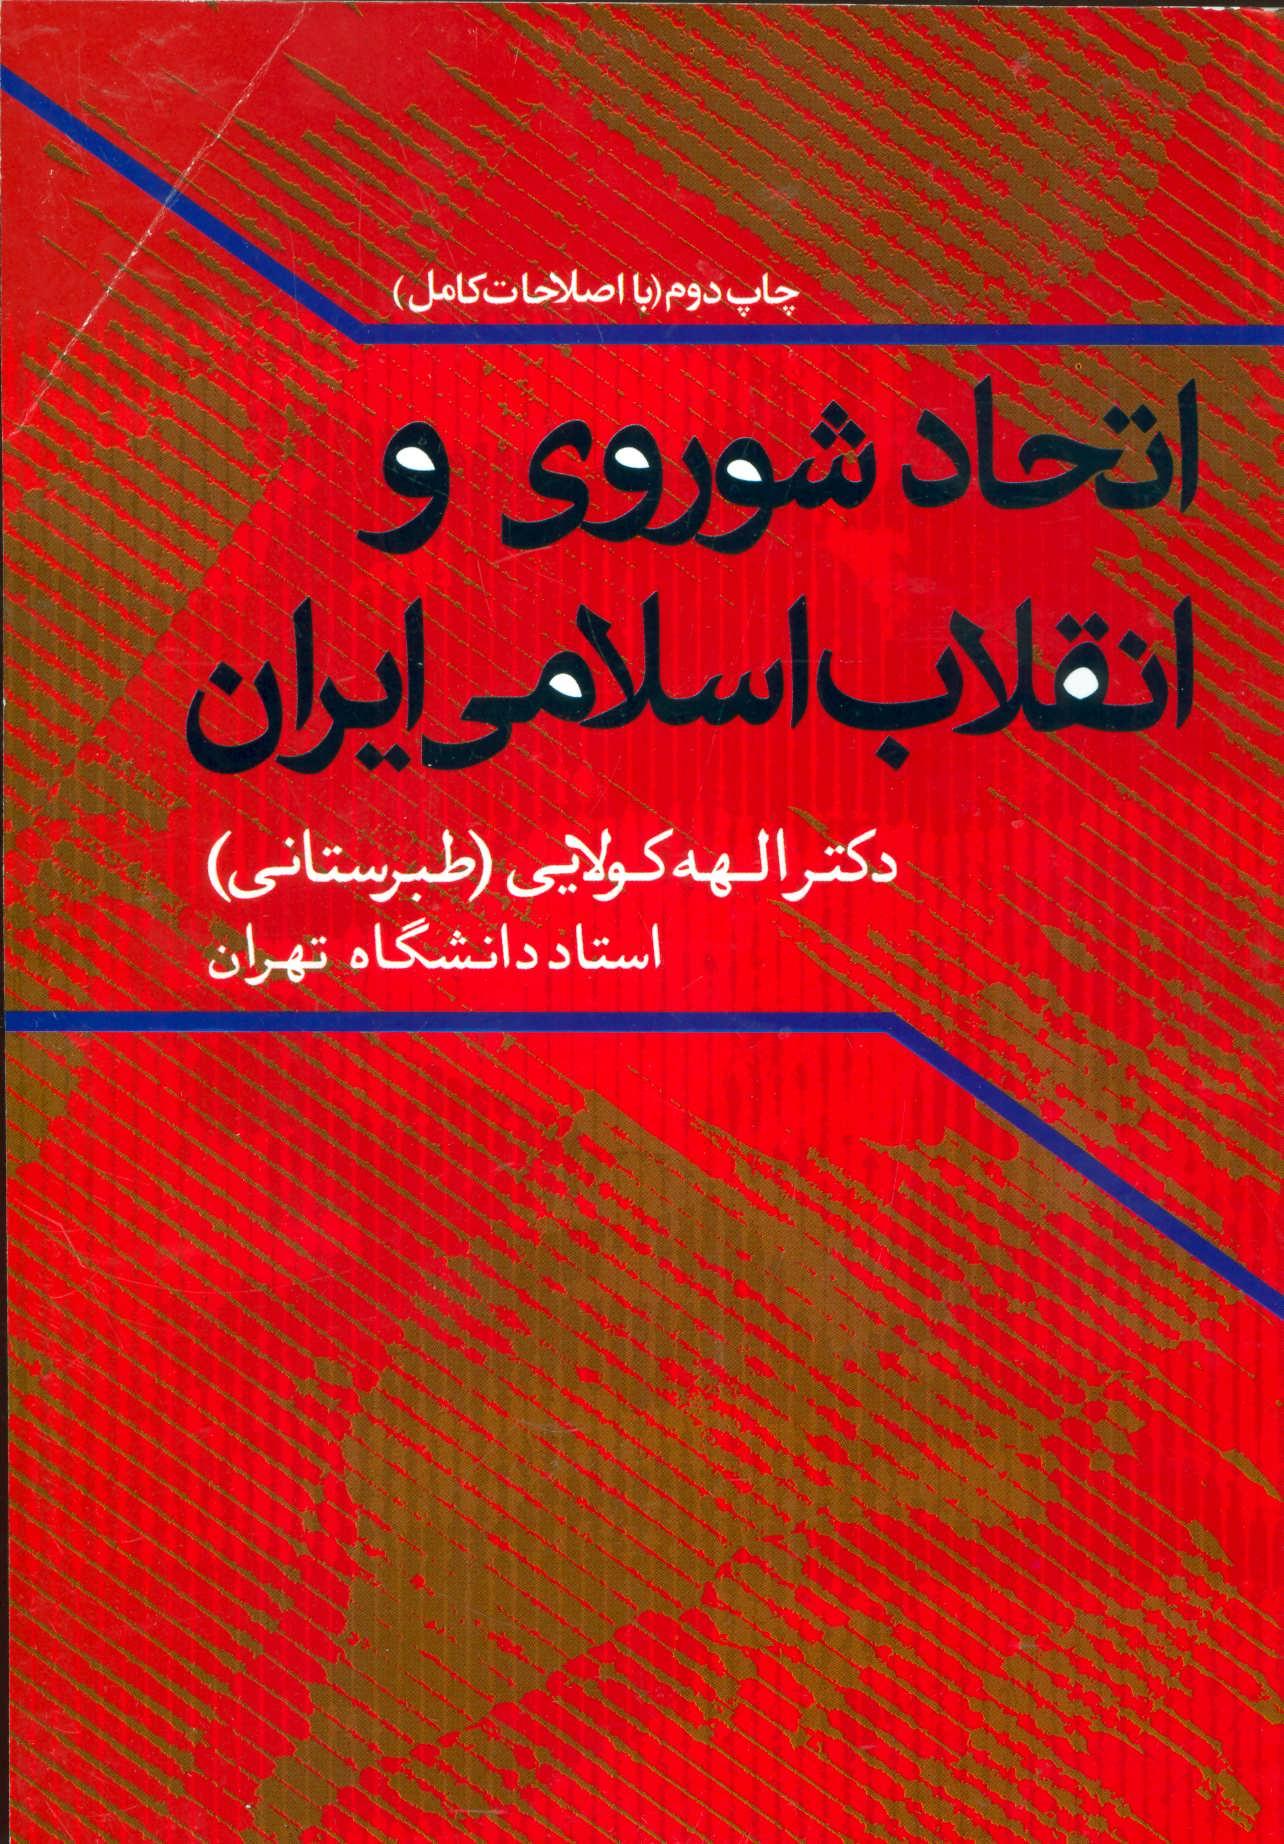 اتحاد شوروی و انقلاب اسلامی ایران